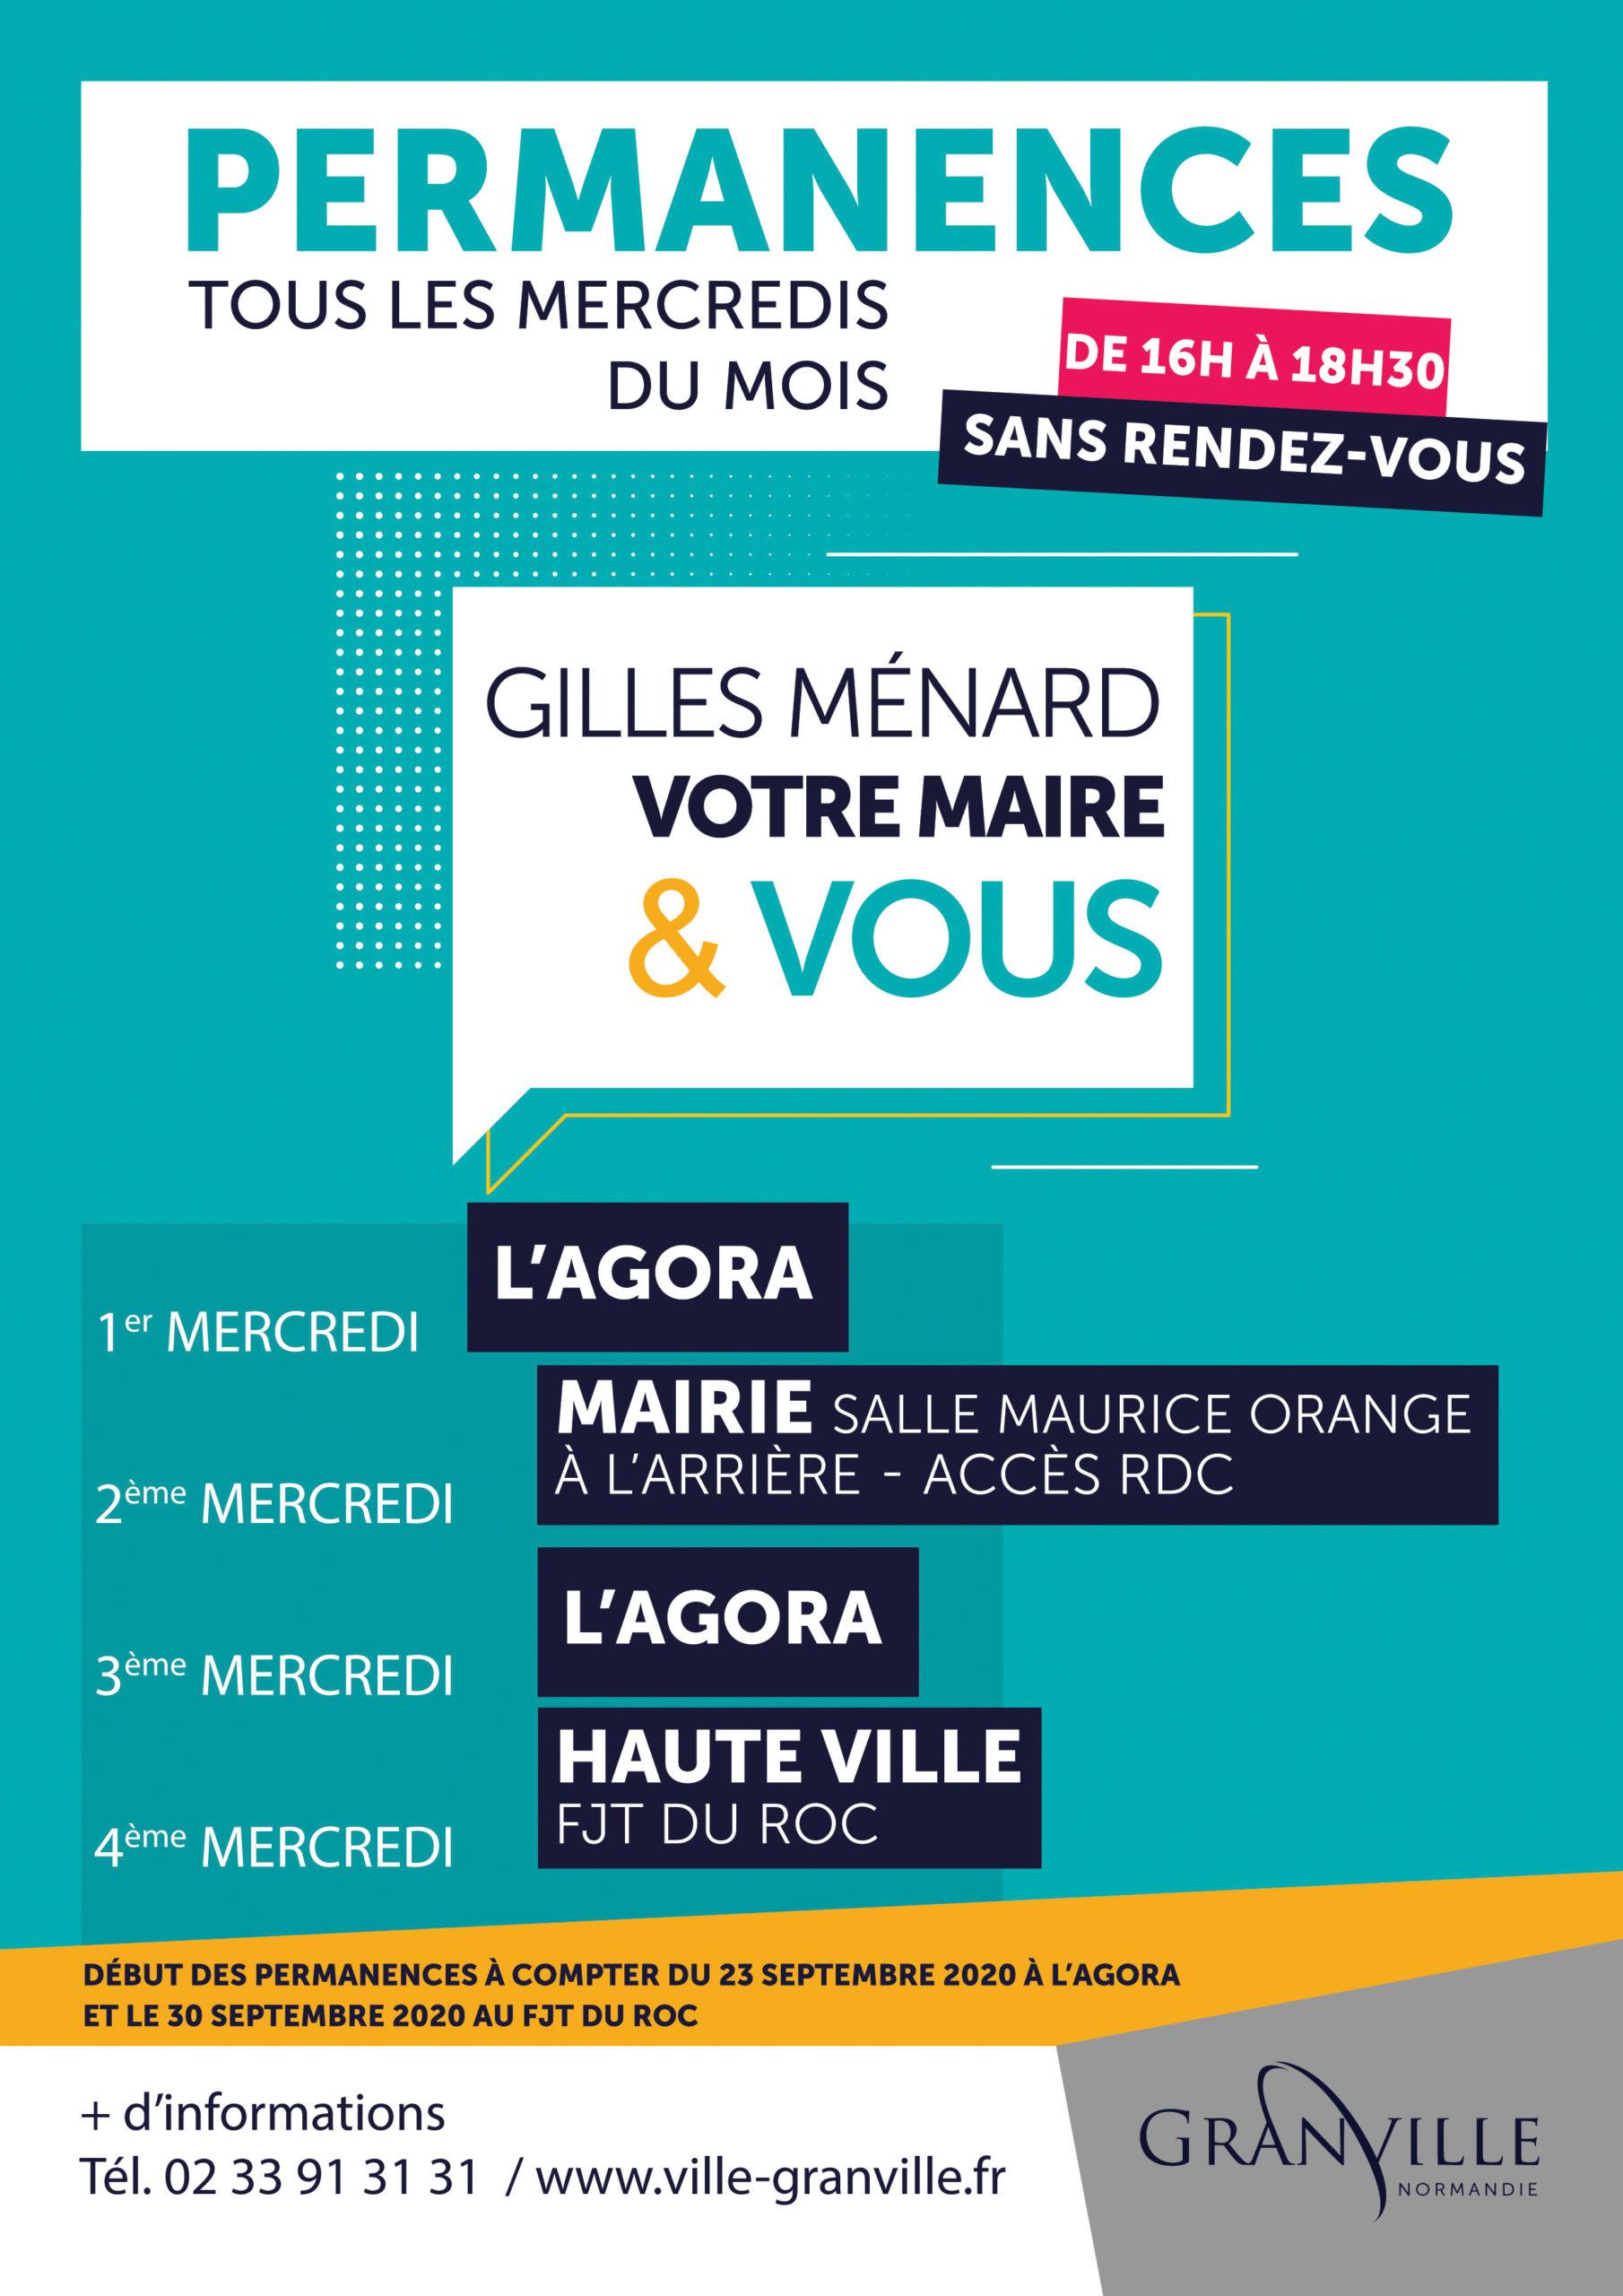 Gilles Ménard recevra les administrés sans rendez-vous tous les mercredis du mois, de 16h à 18h30, en différents lieux de Granville, à compter du 23 septembre 2020.